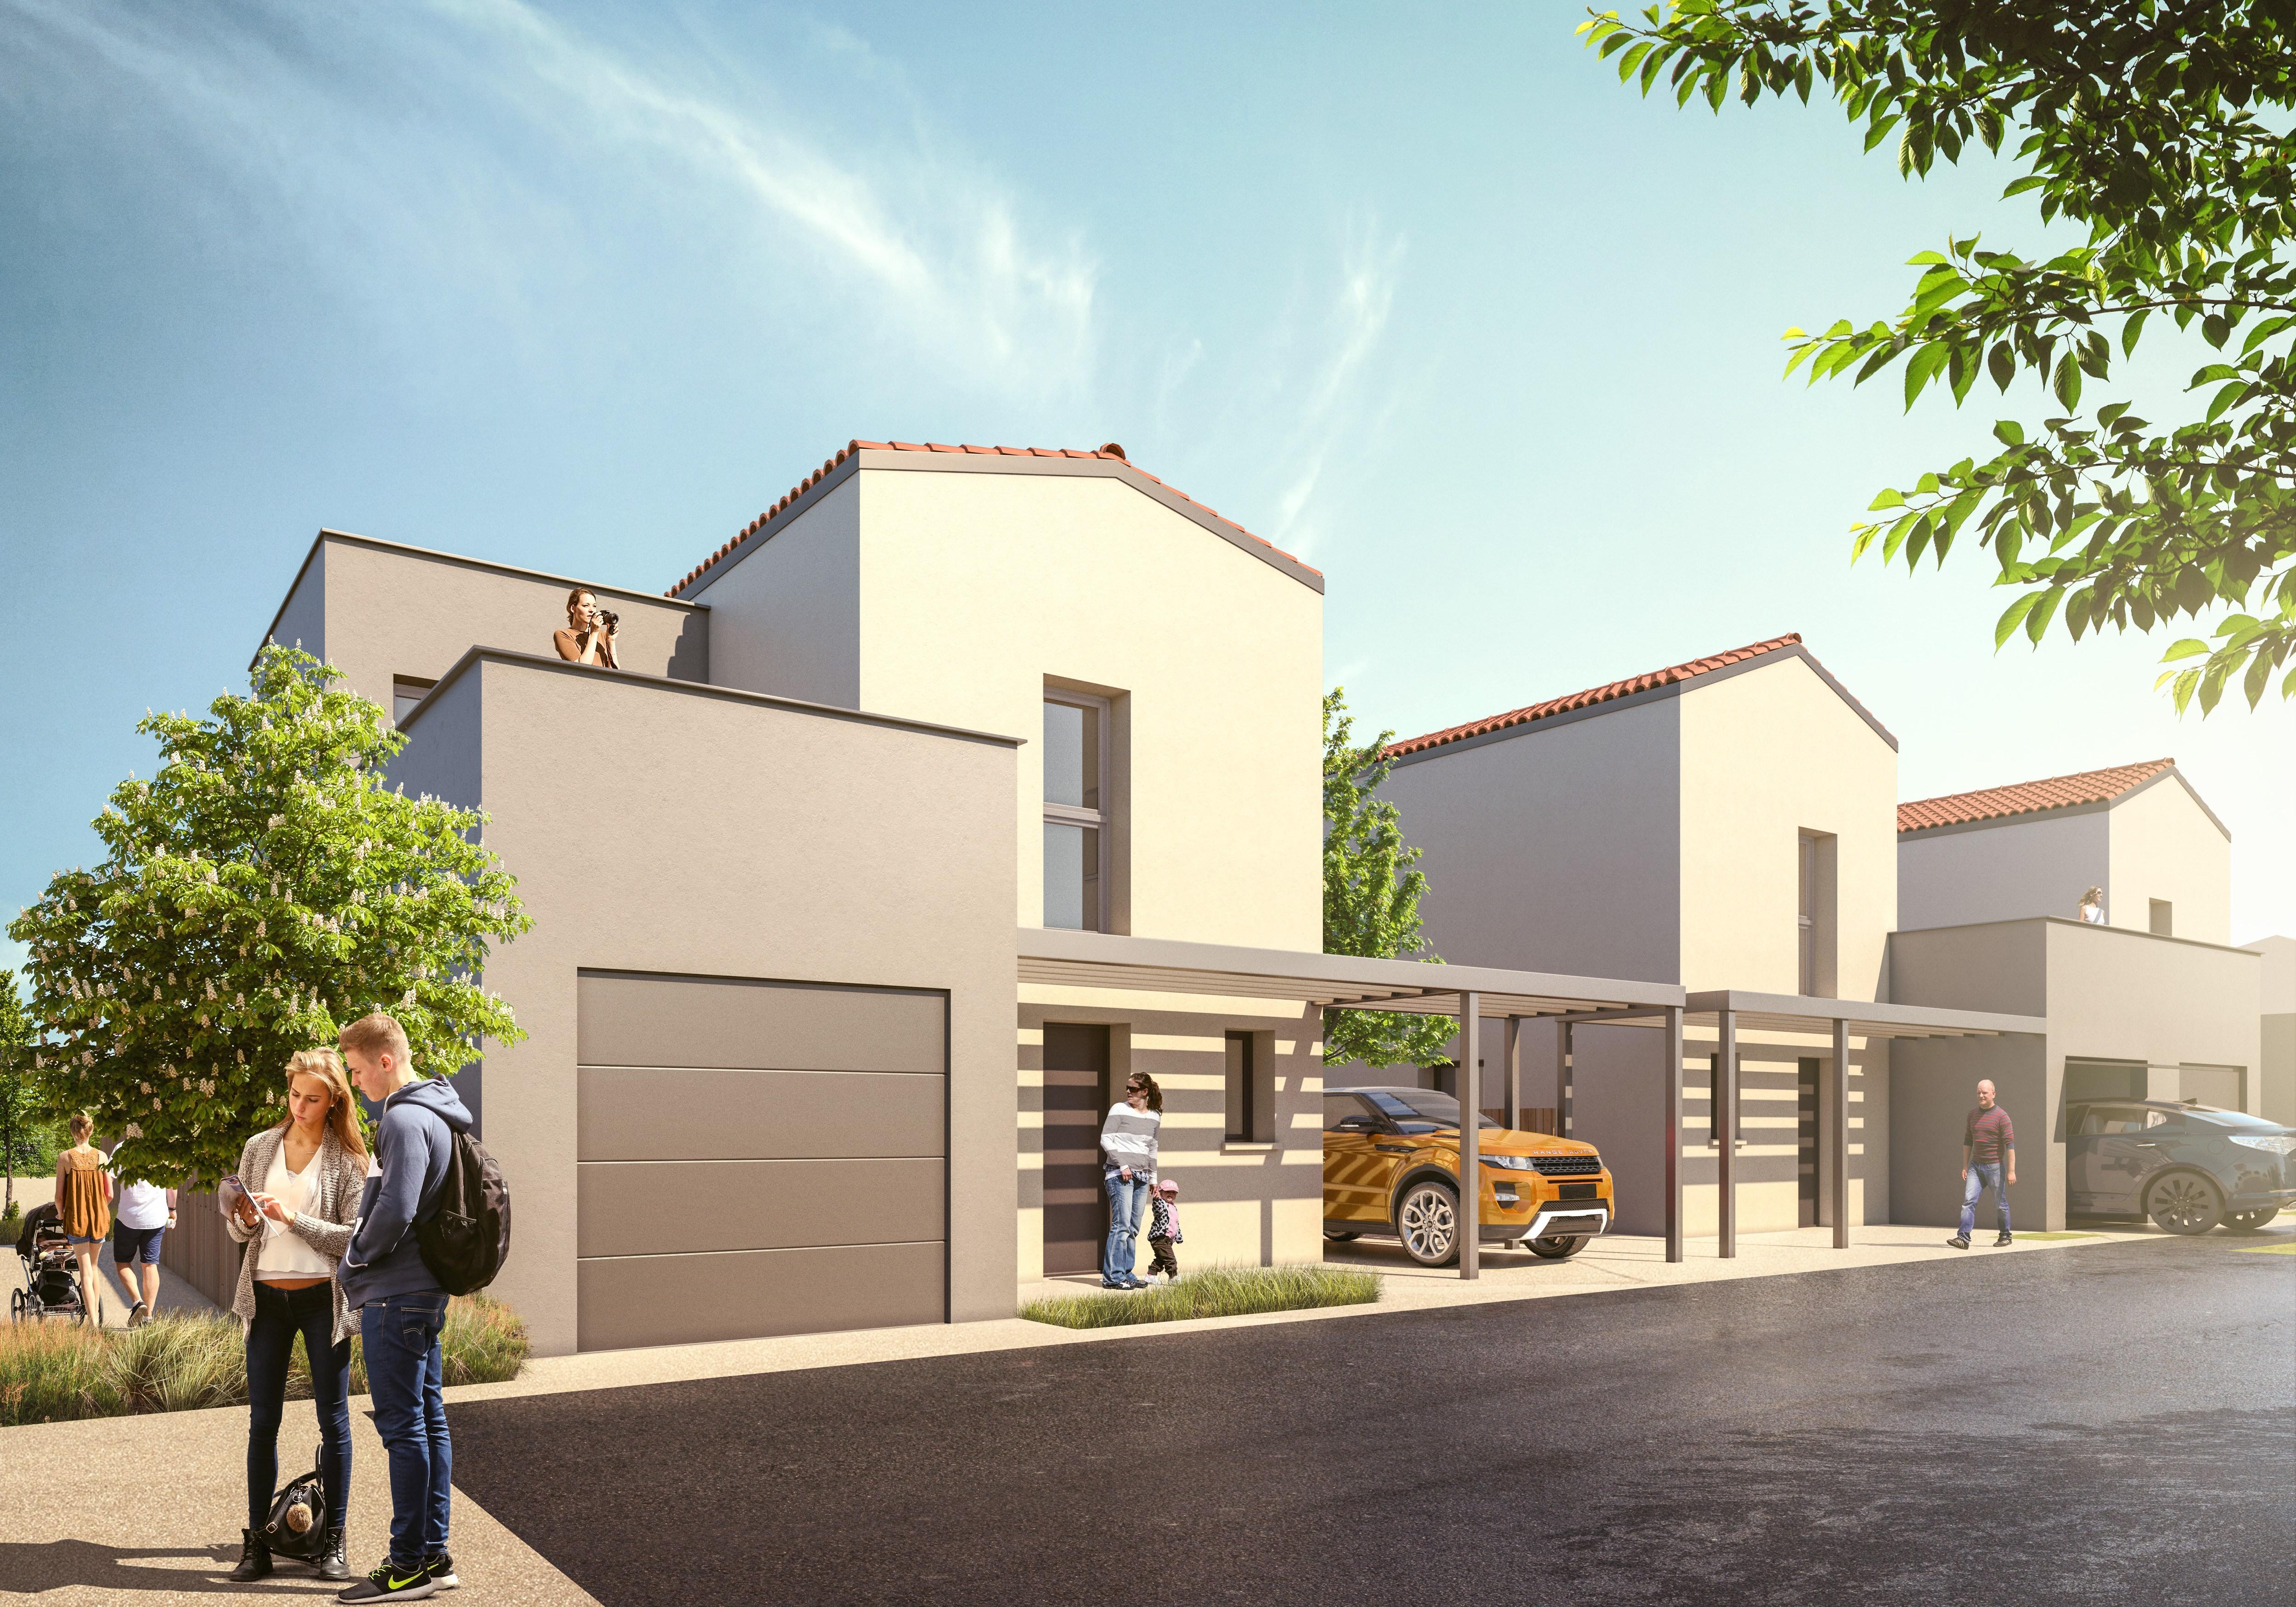 Maisons + Terrains du constructeur MAISON AXIAL • 84 m² • DOMMARTIN